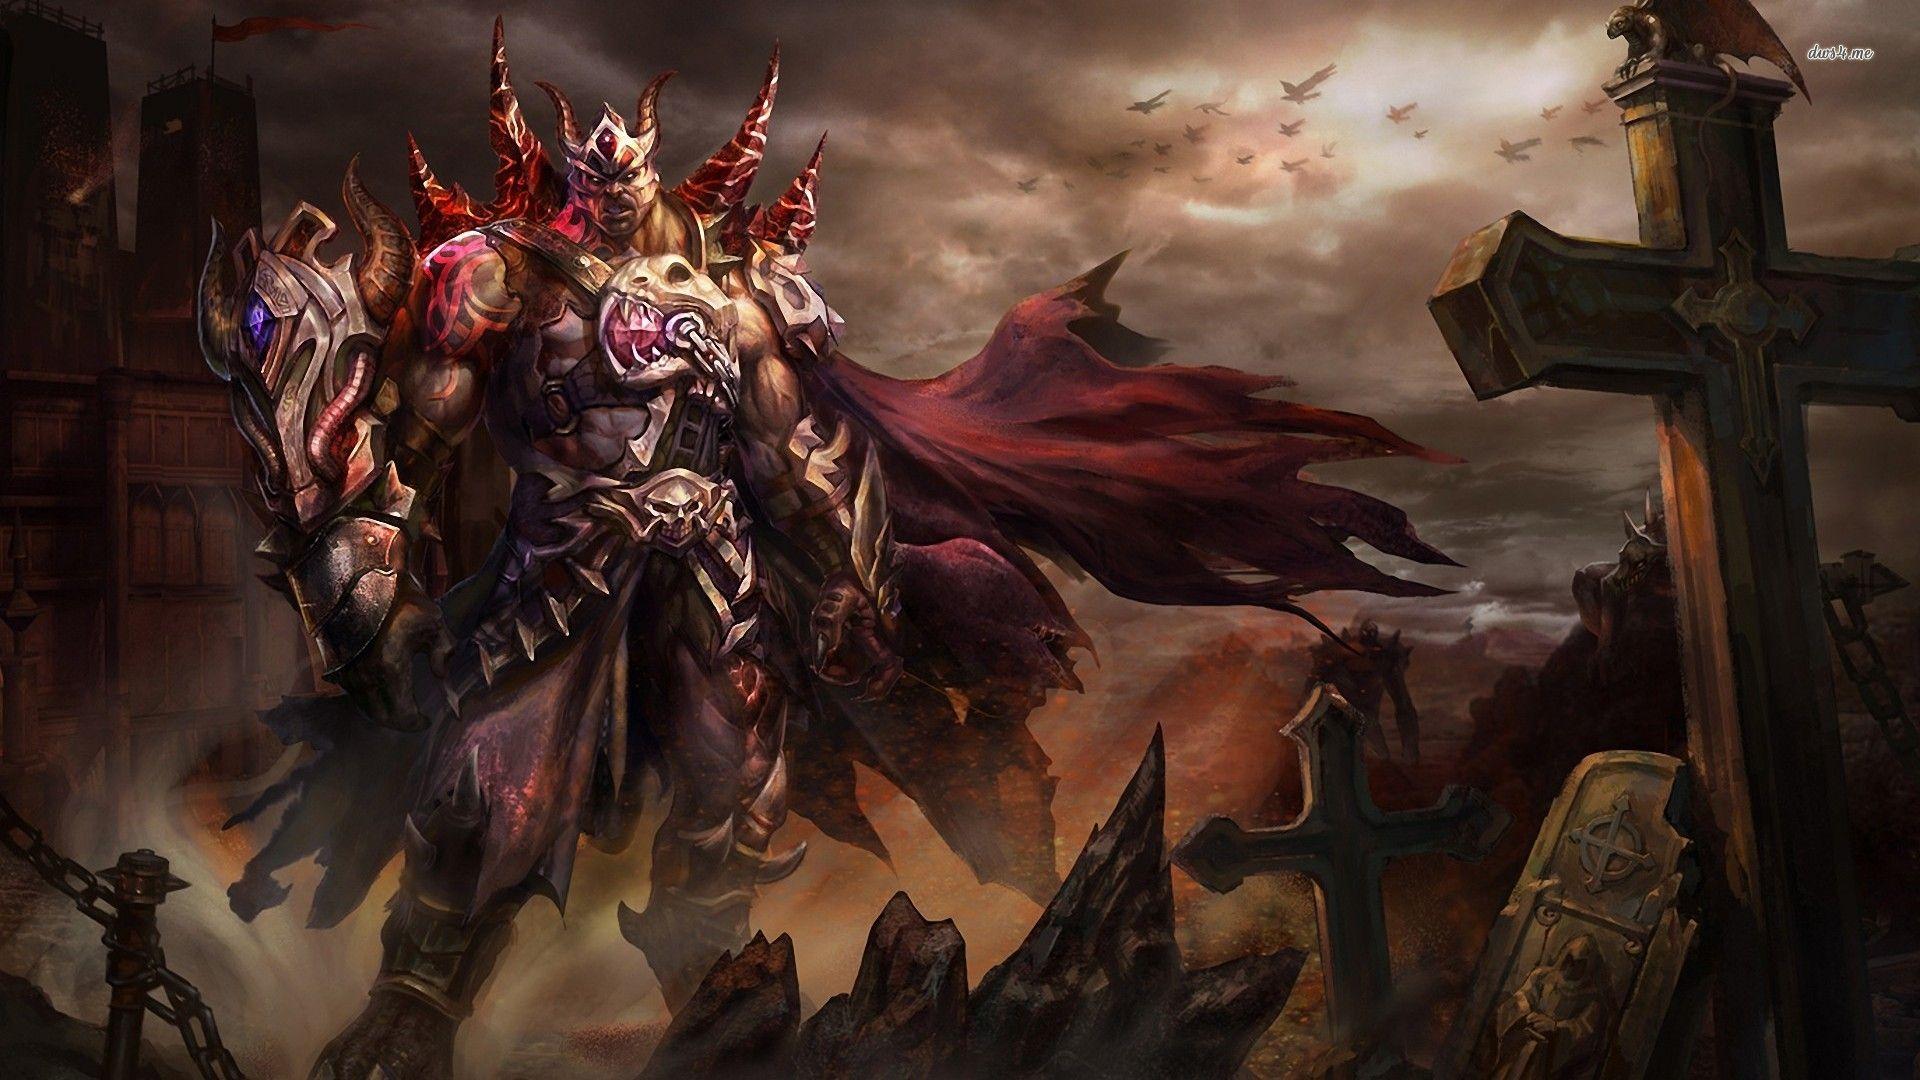 Demon warrior demon warrior wallpaper demons of hell and